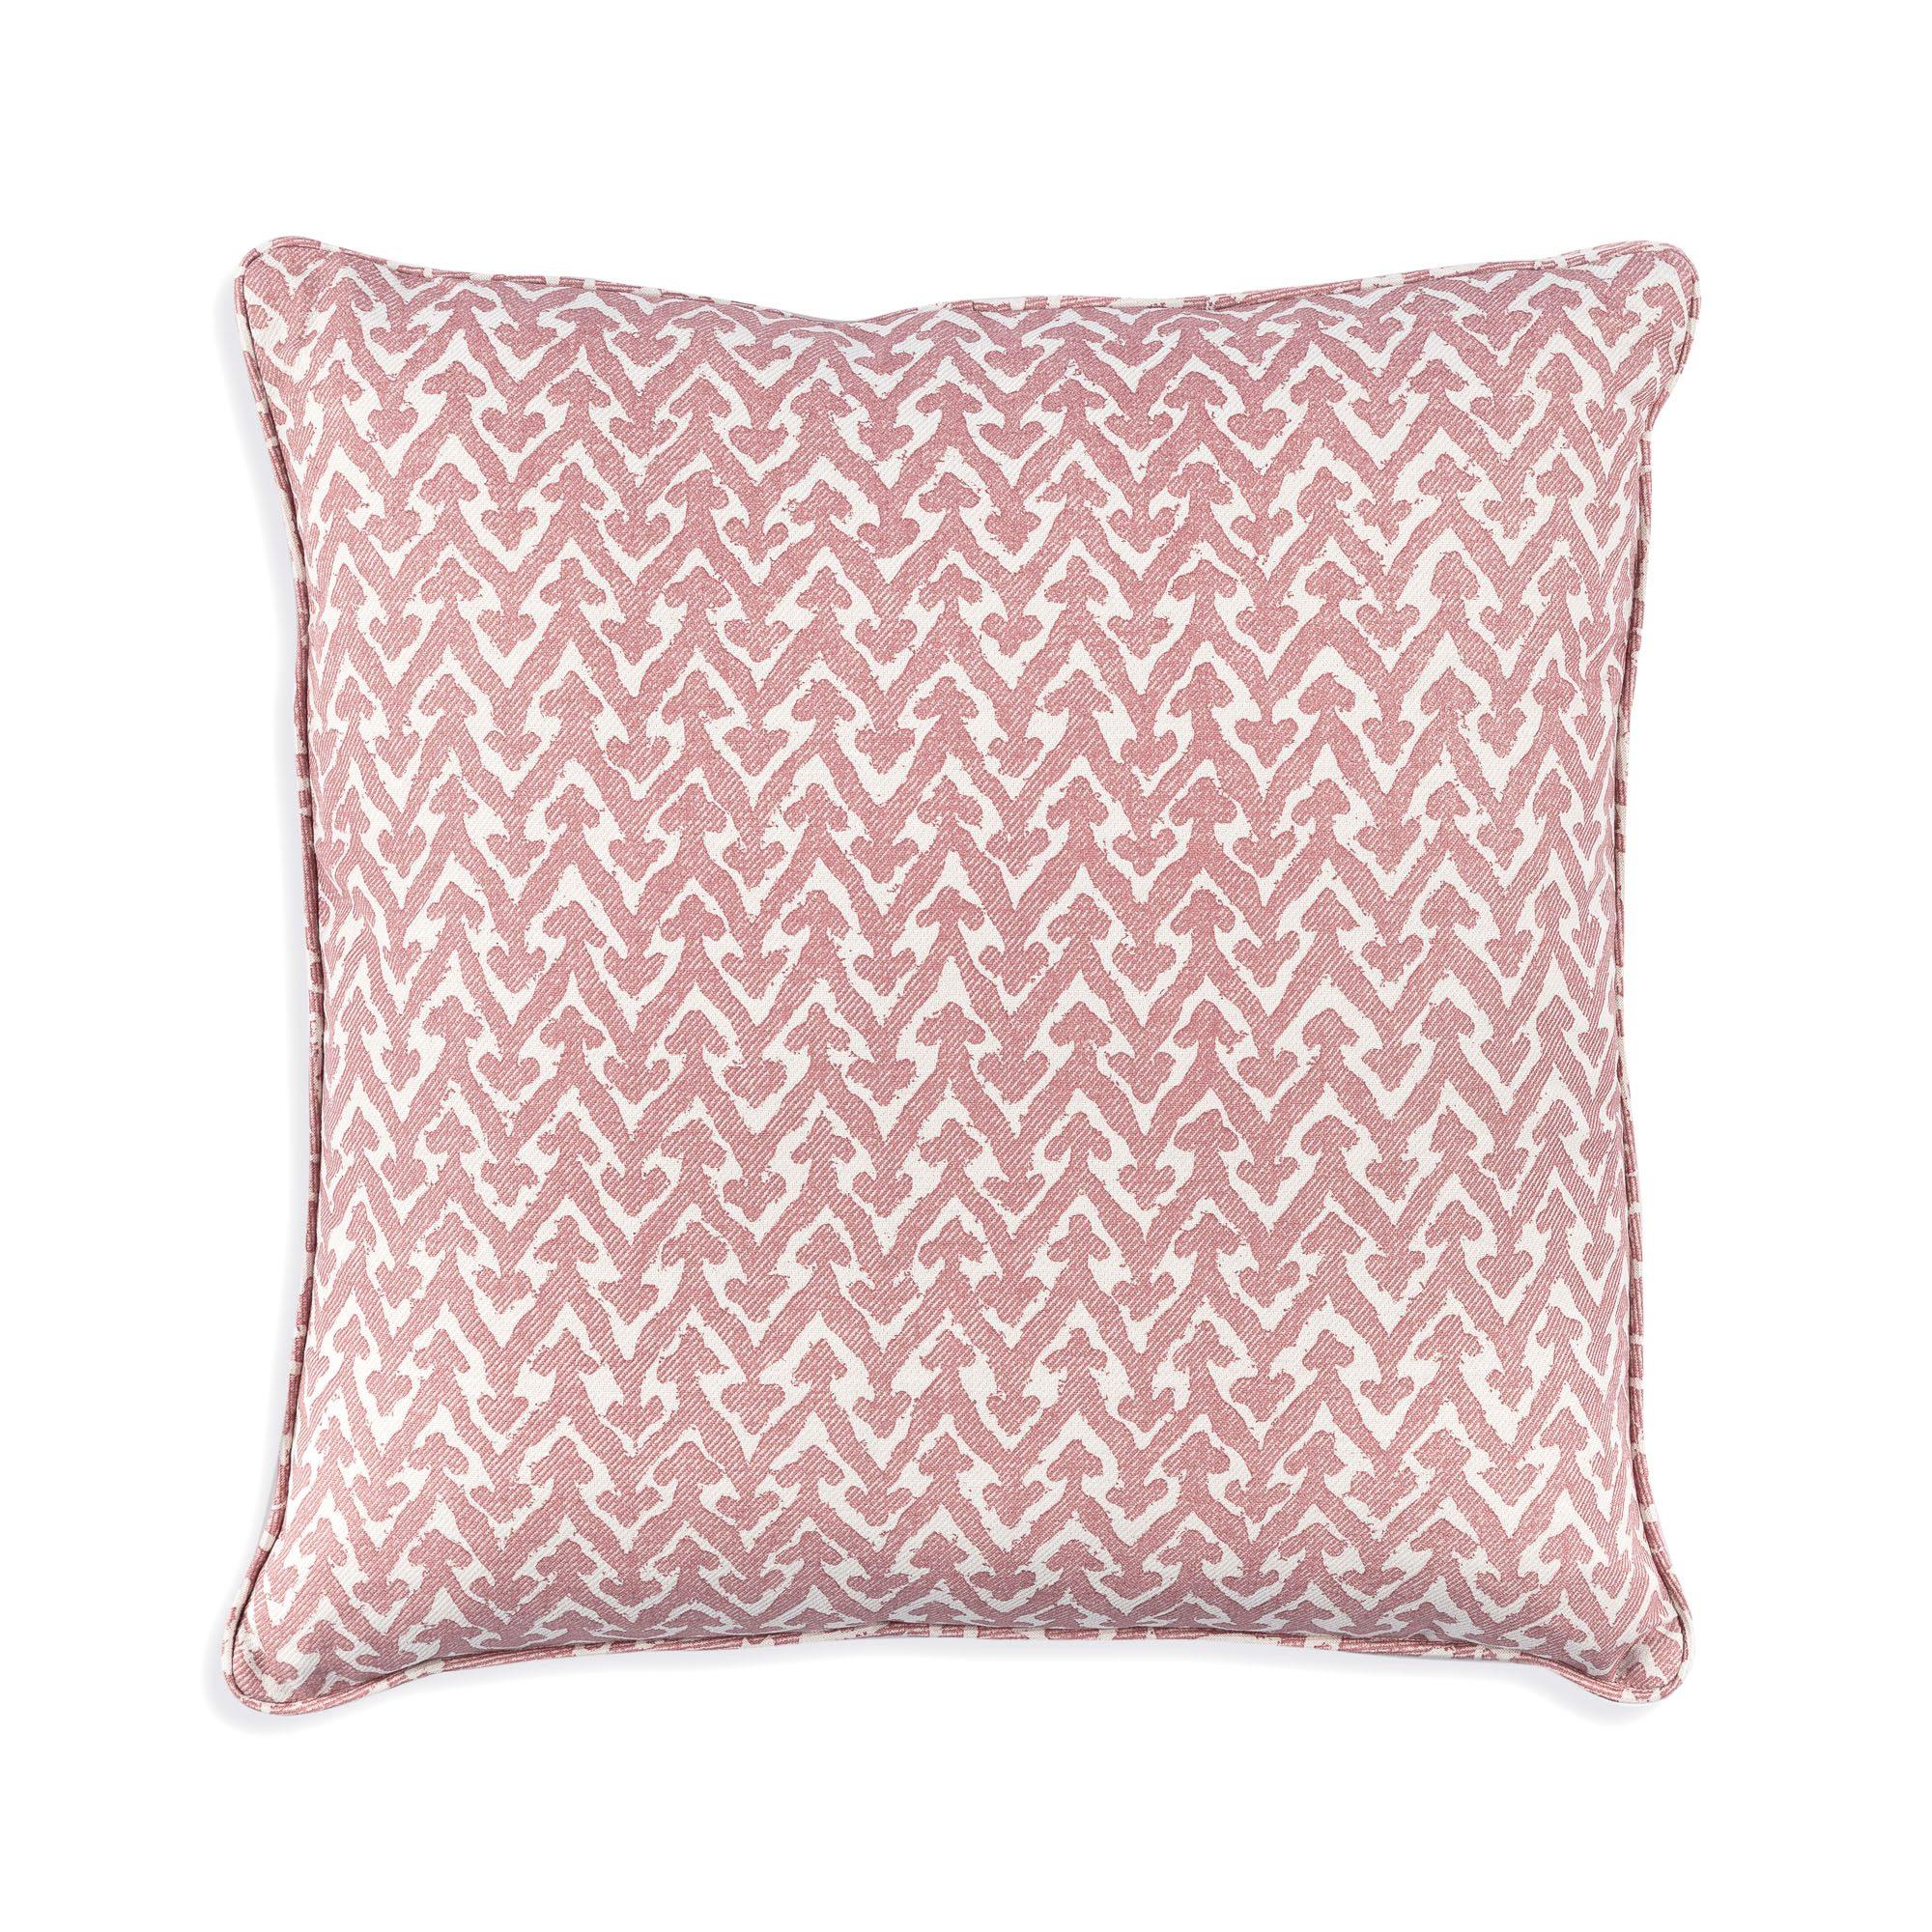 cushion in pink rabanna